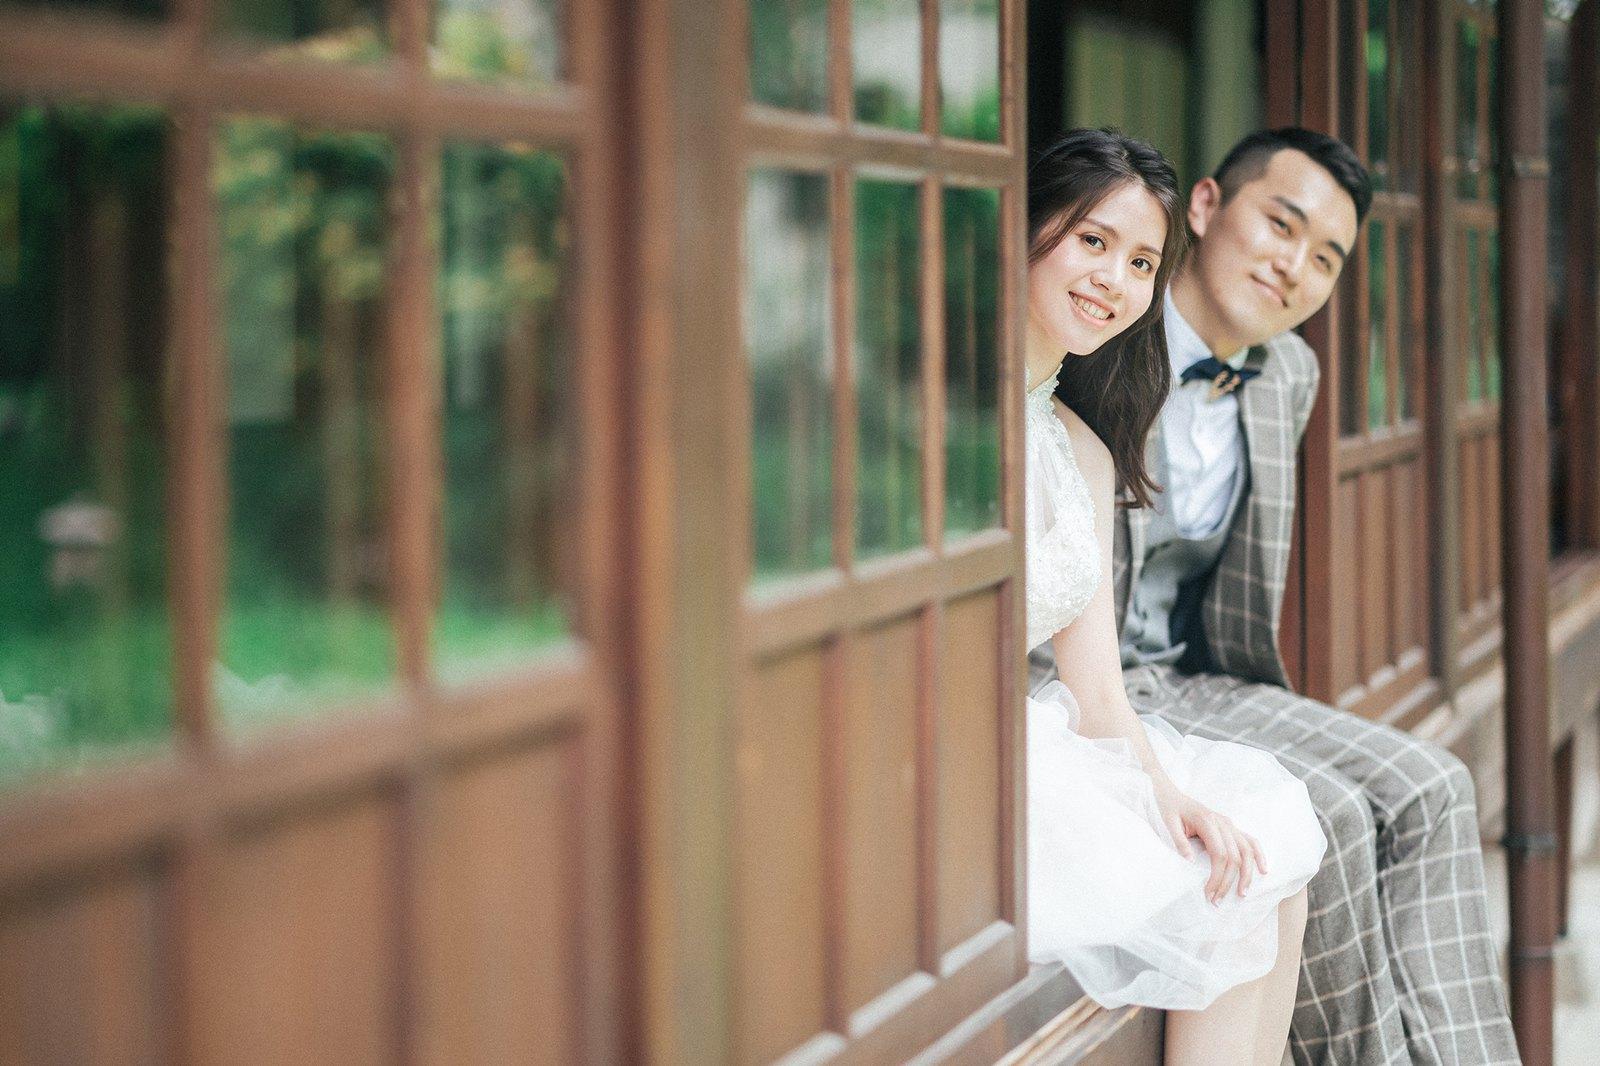 【婚紗】Ming & Weiting / 婚紗意象 / 紀州庵文學森林